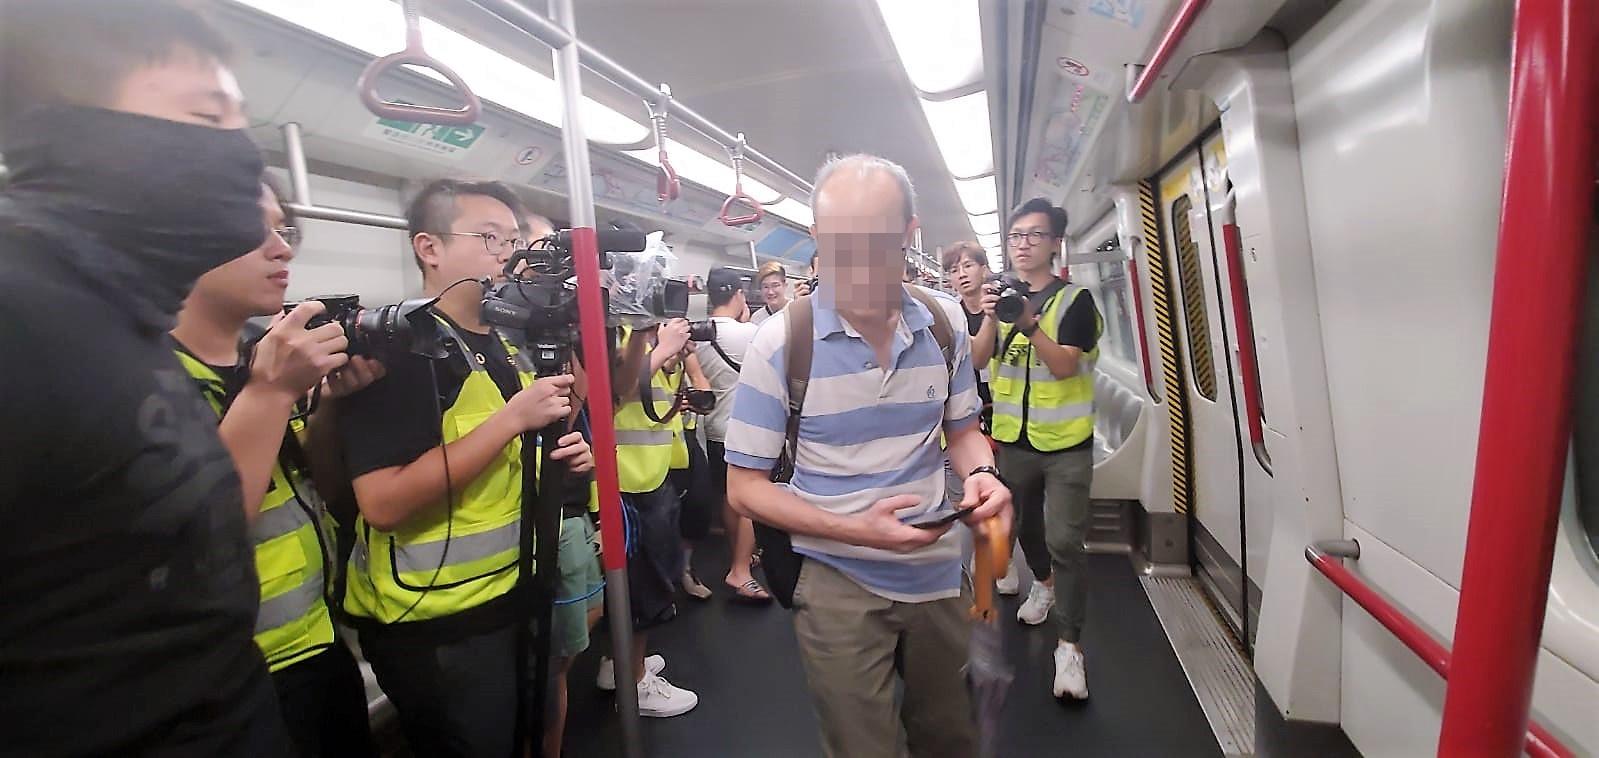 【修例风波】休班职员宝琳站遇袭受伤 港铁强烈谴责